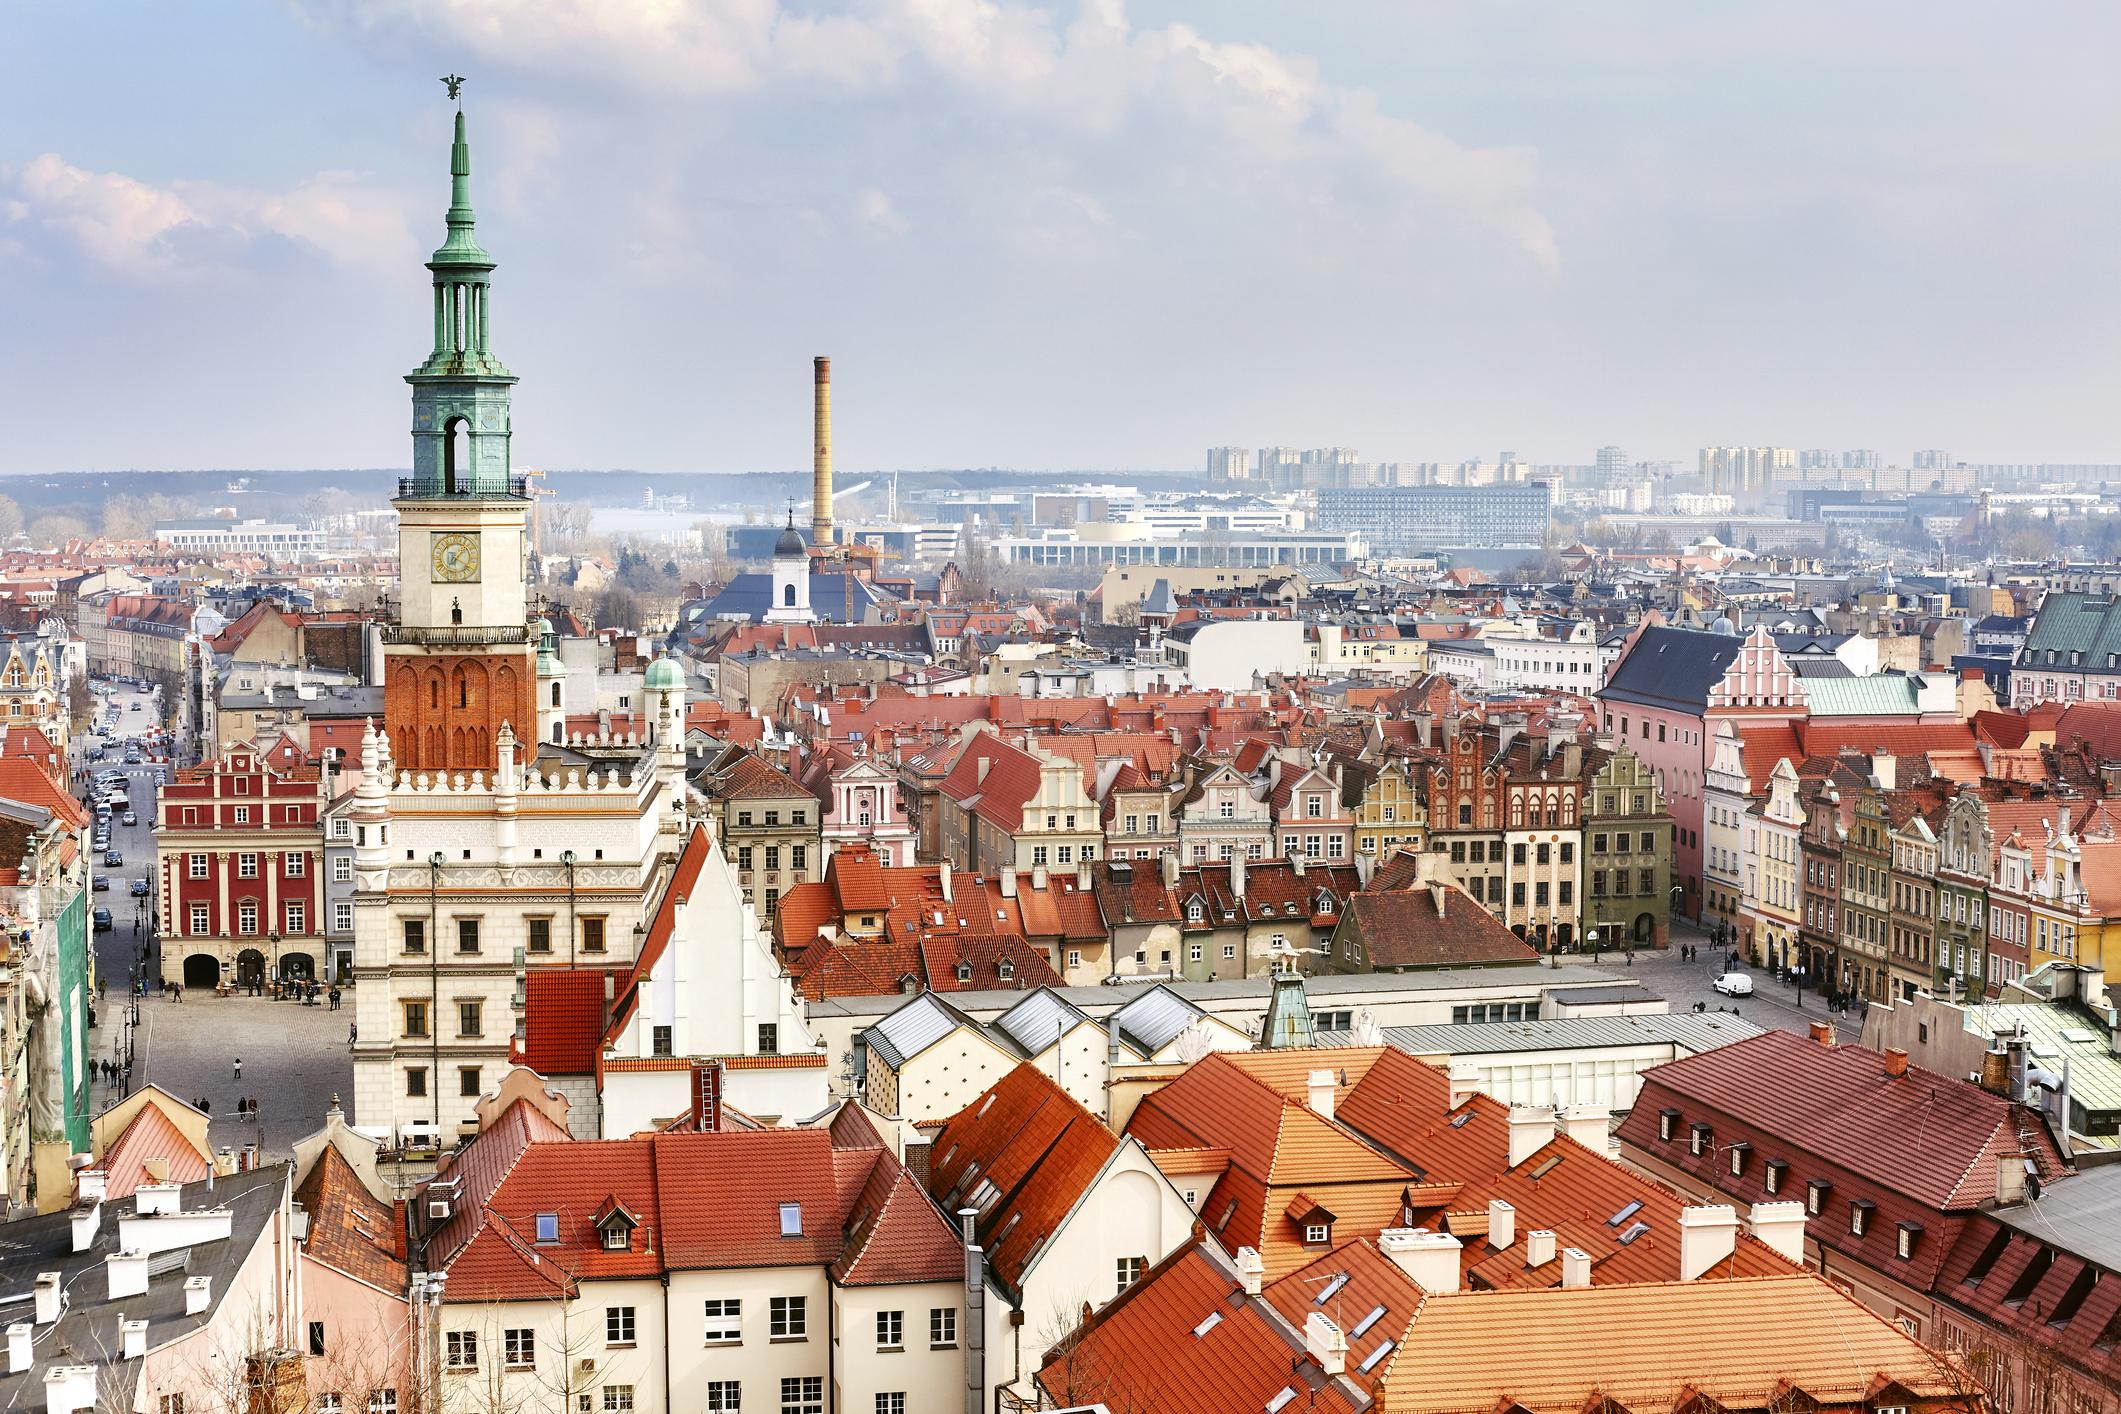 Петият по големина град в Полша - Познан се нарежда на пето място в класацията на European Best Destinations. Познан е известен с това, че през Втората световна война бива разрушен и после построен наново.